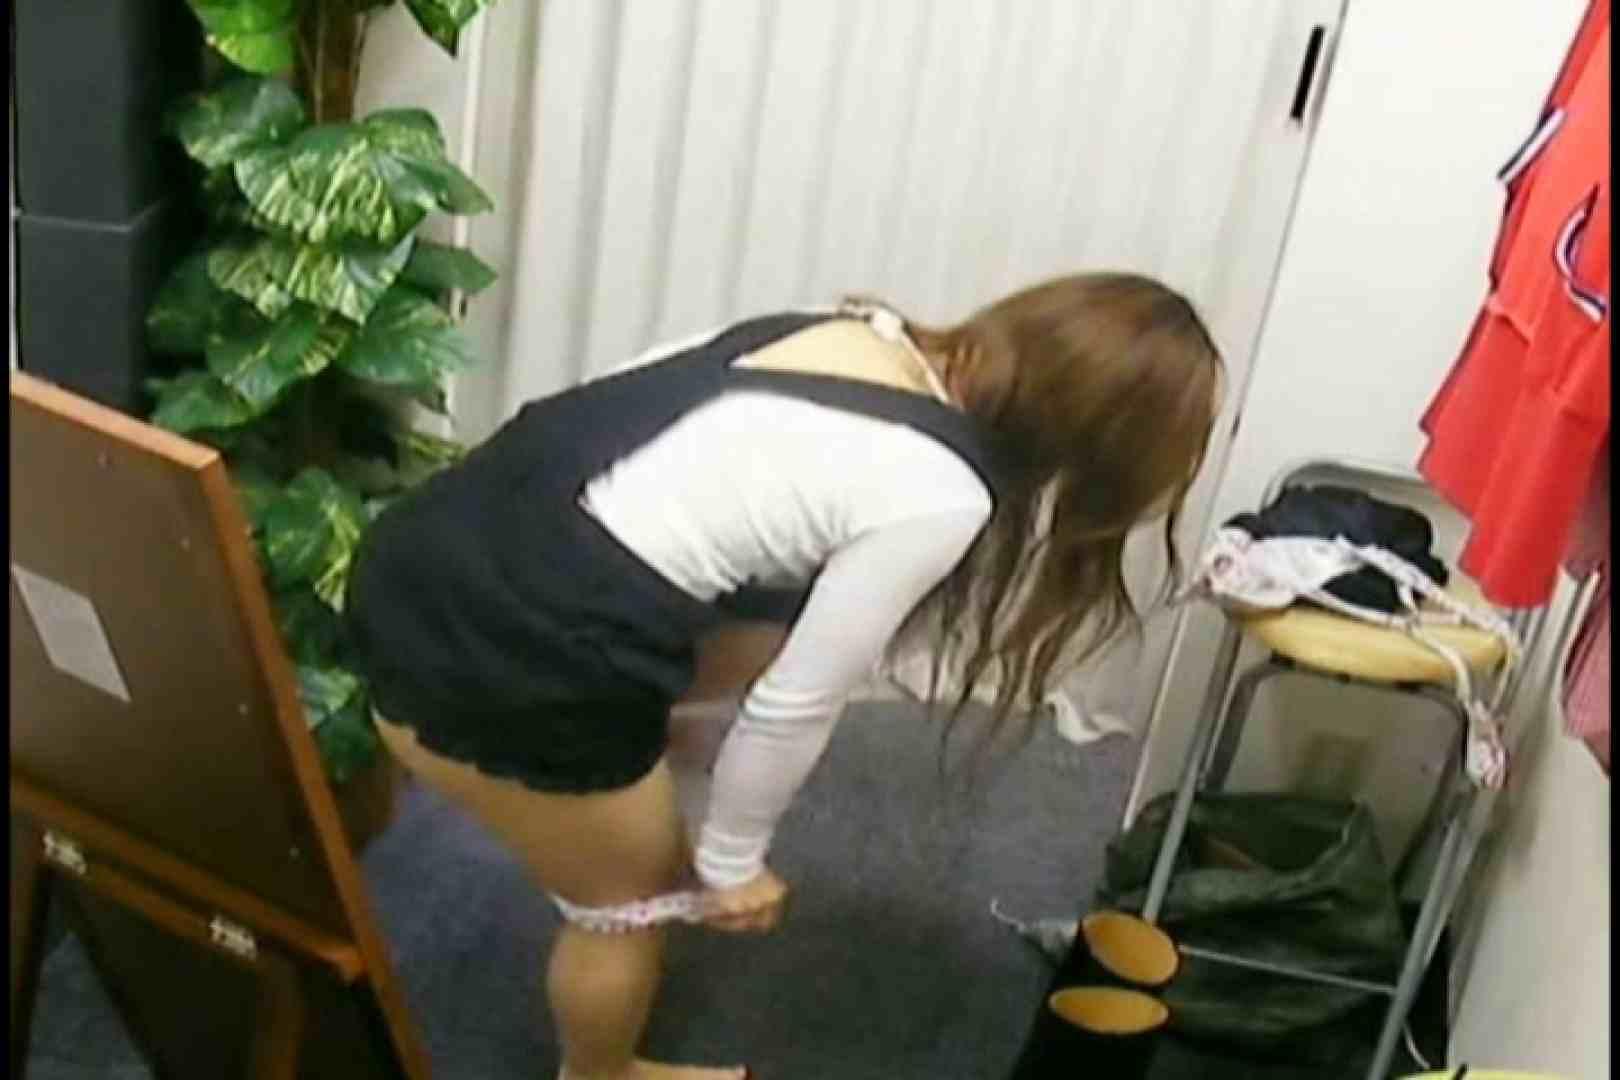 素人撮影 下着だけの撮影のはずが・・・ よしこ23歳 盗撮  92PIX 6